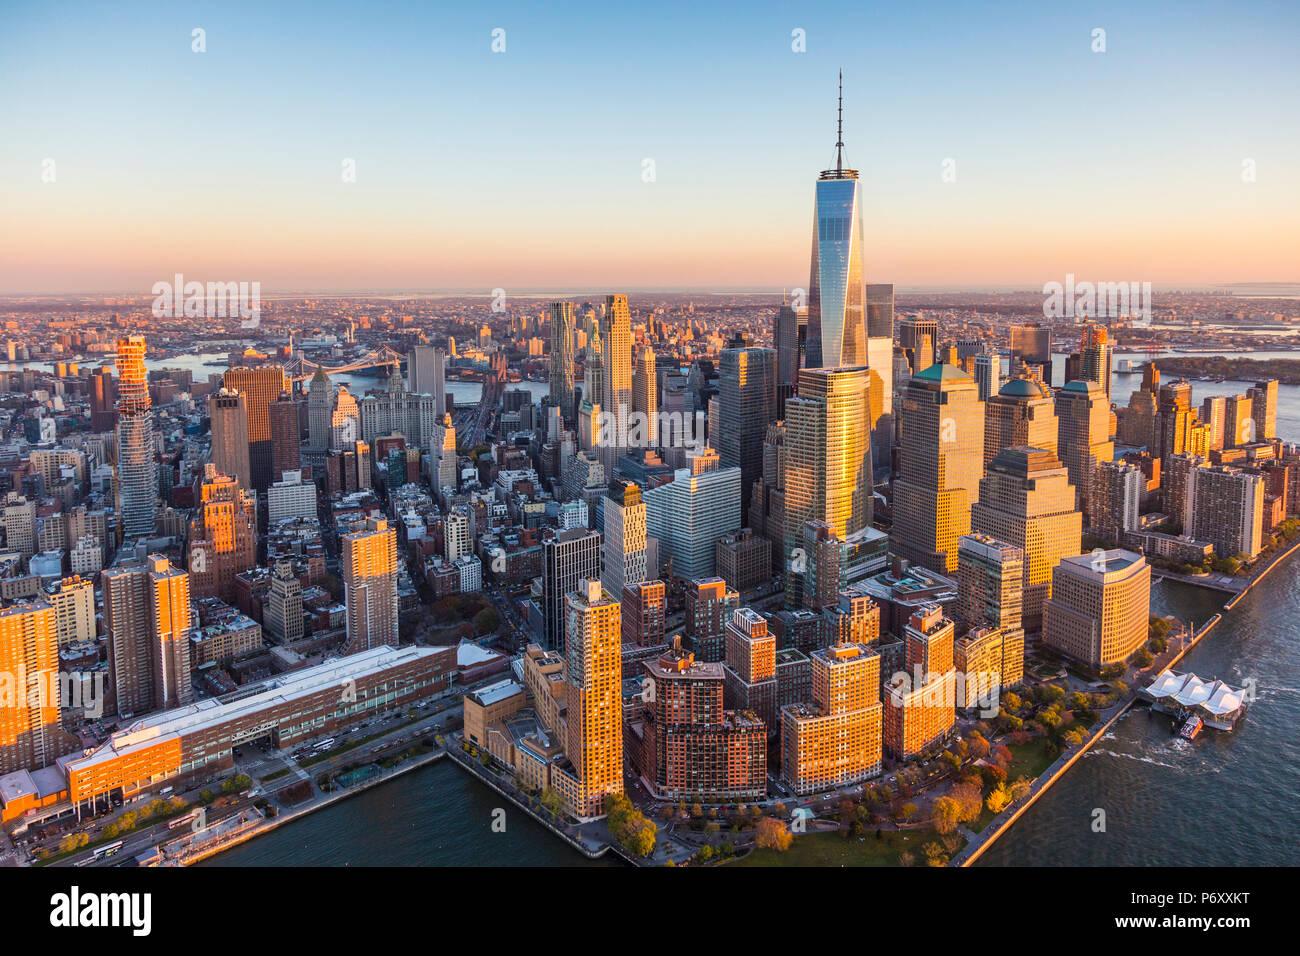 Il centro di Manhattan, New York City, Stati Uniti d'America Foto Stock